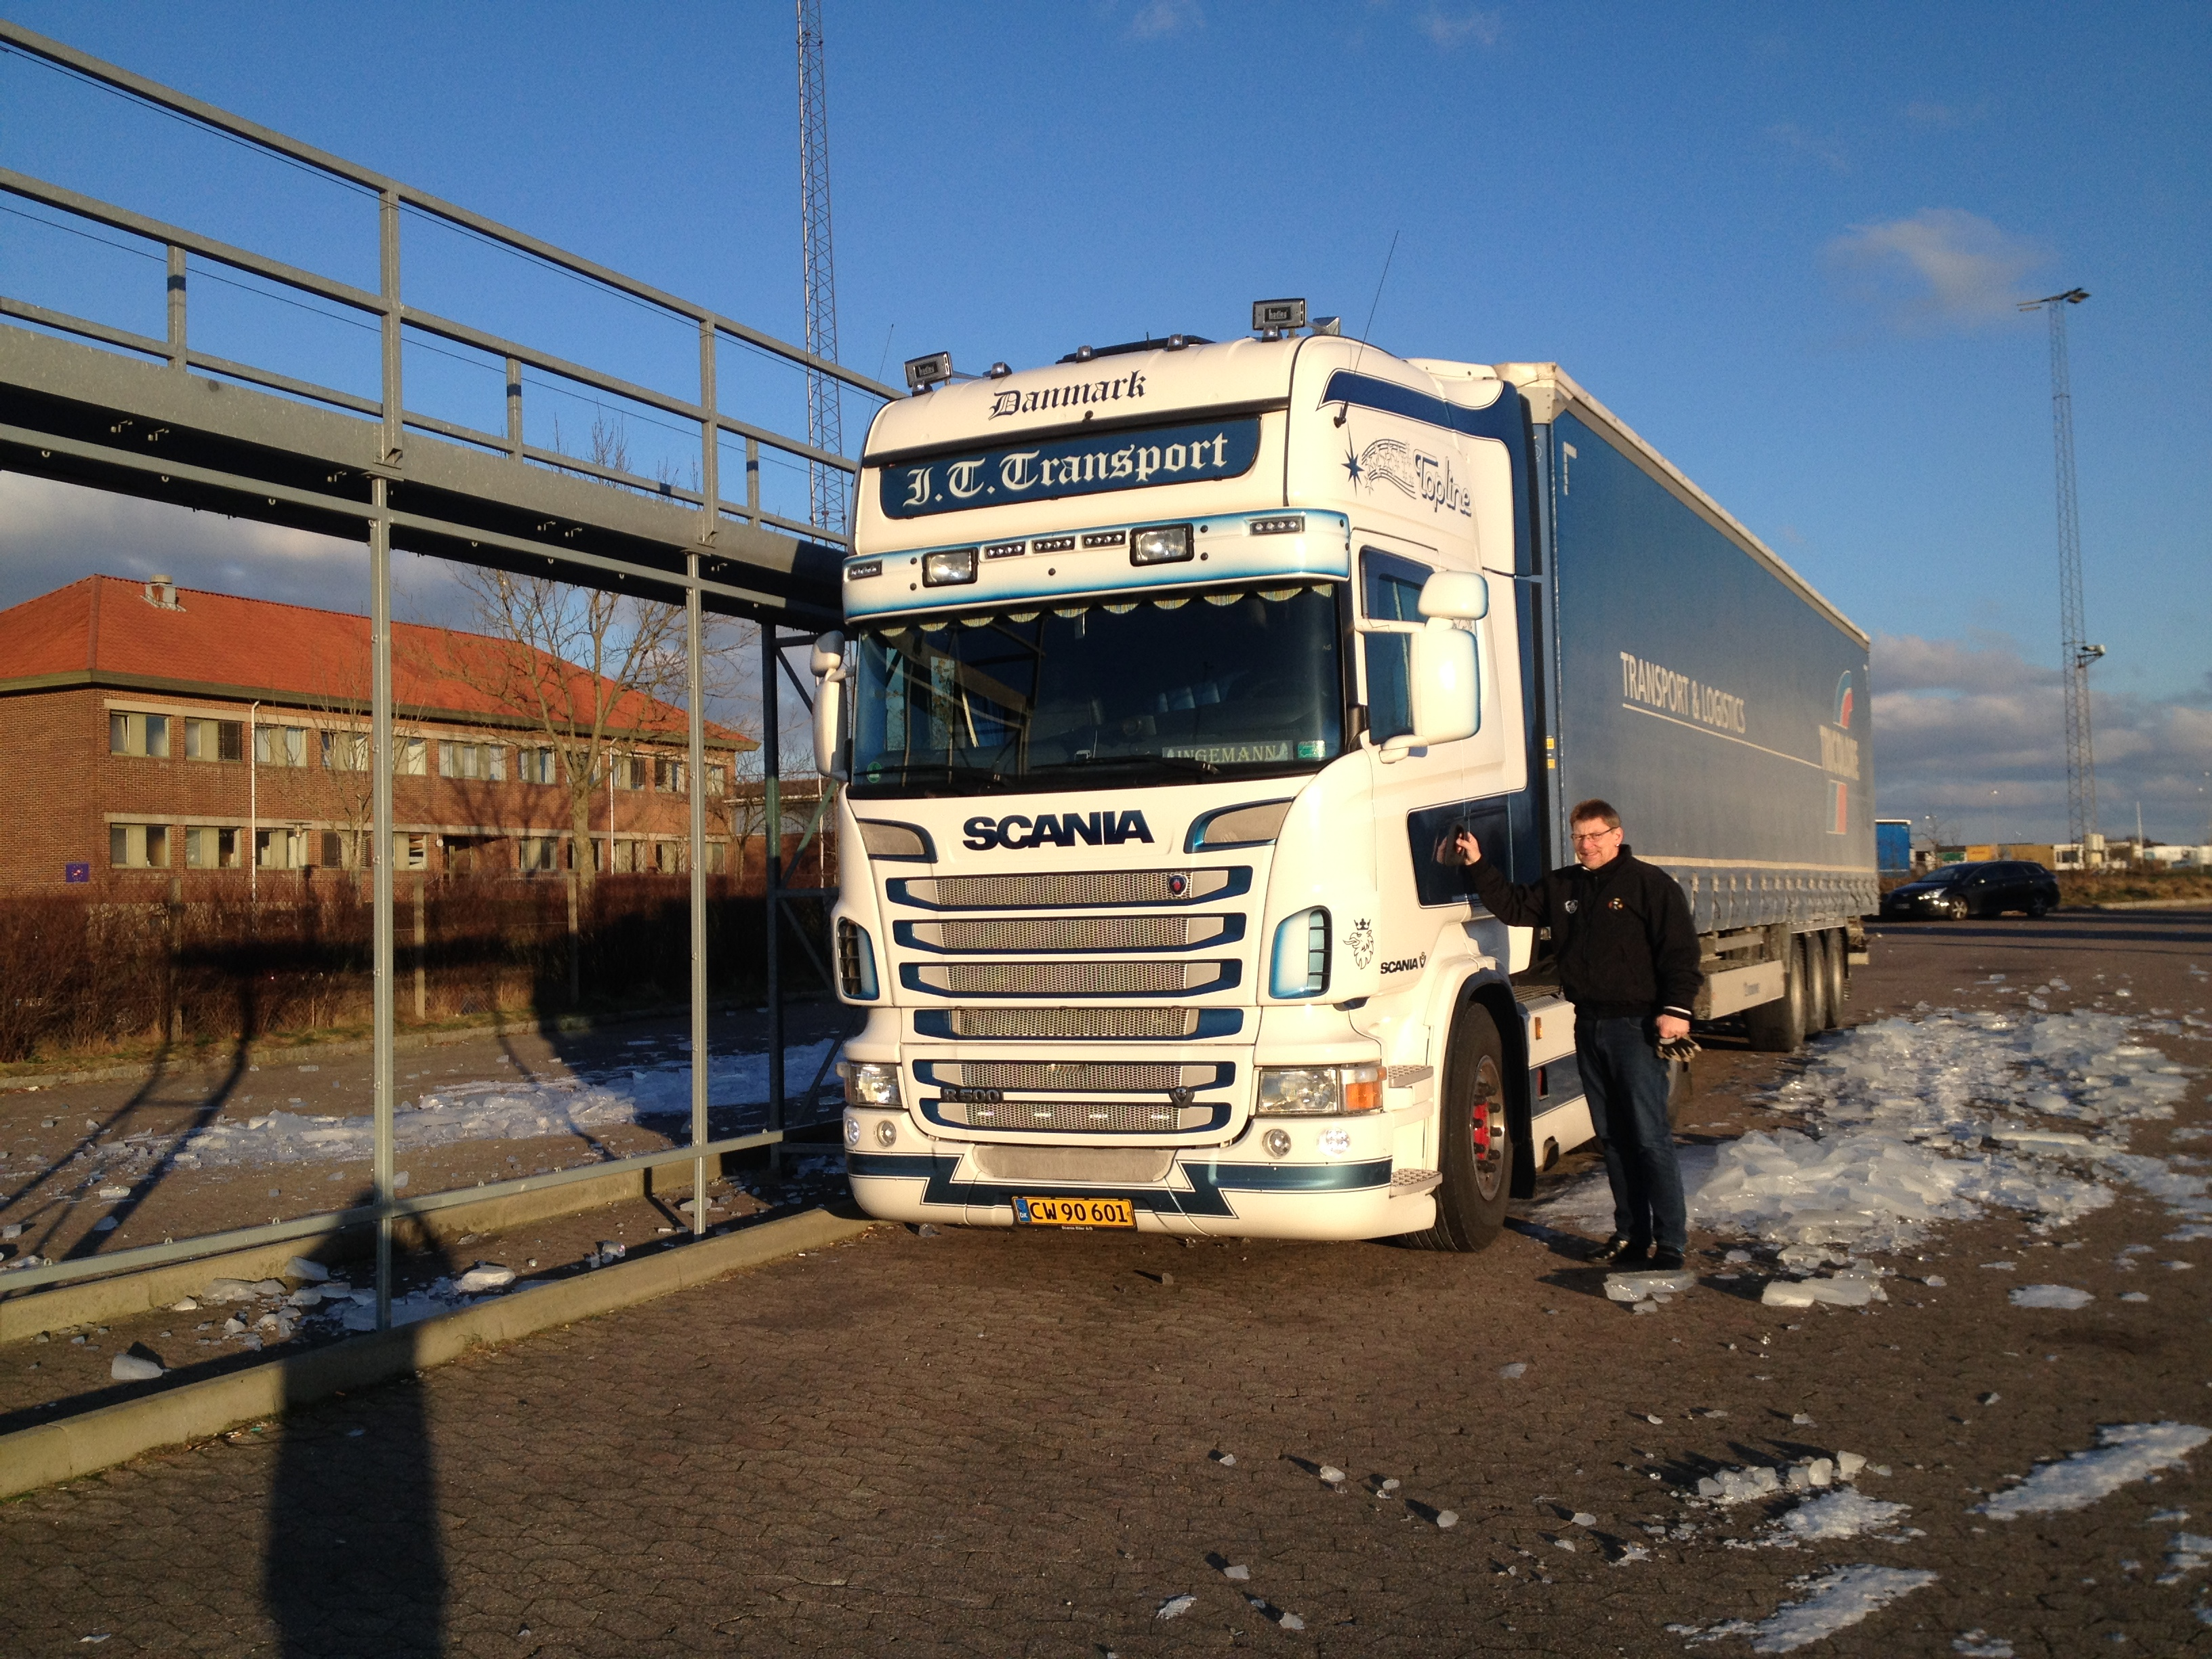 Ved såkaldte snebroer kan chaufførerne af-ise lastbilerne.